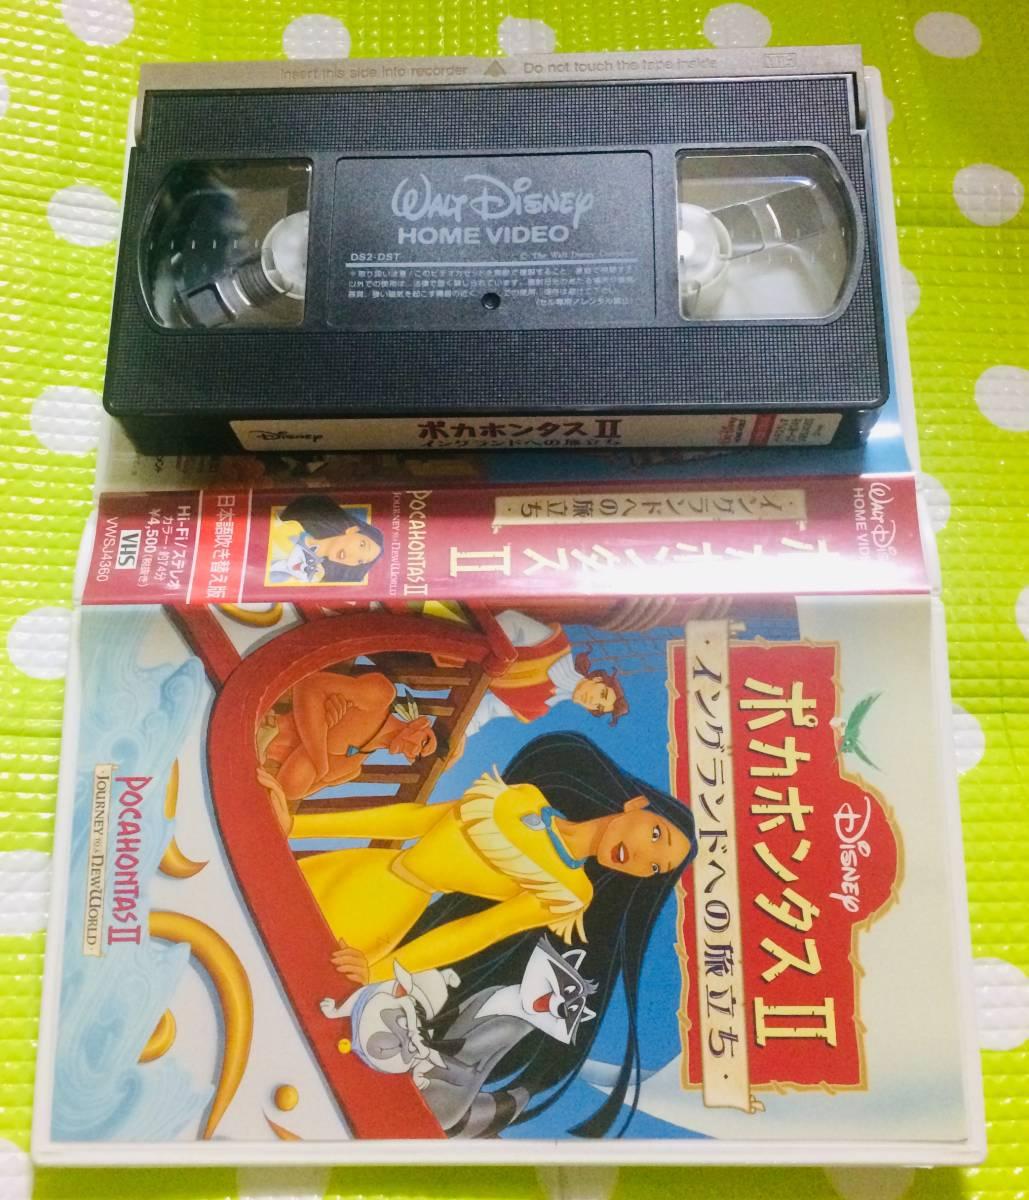 即決〈同梱歓迎〉VHS ポカホンタス2 日本語吹き替え版 ディズニー アニメ◎その他ビデオ多数出品中θt6934_画像1